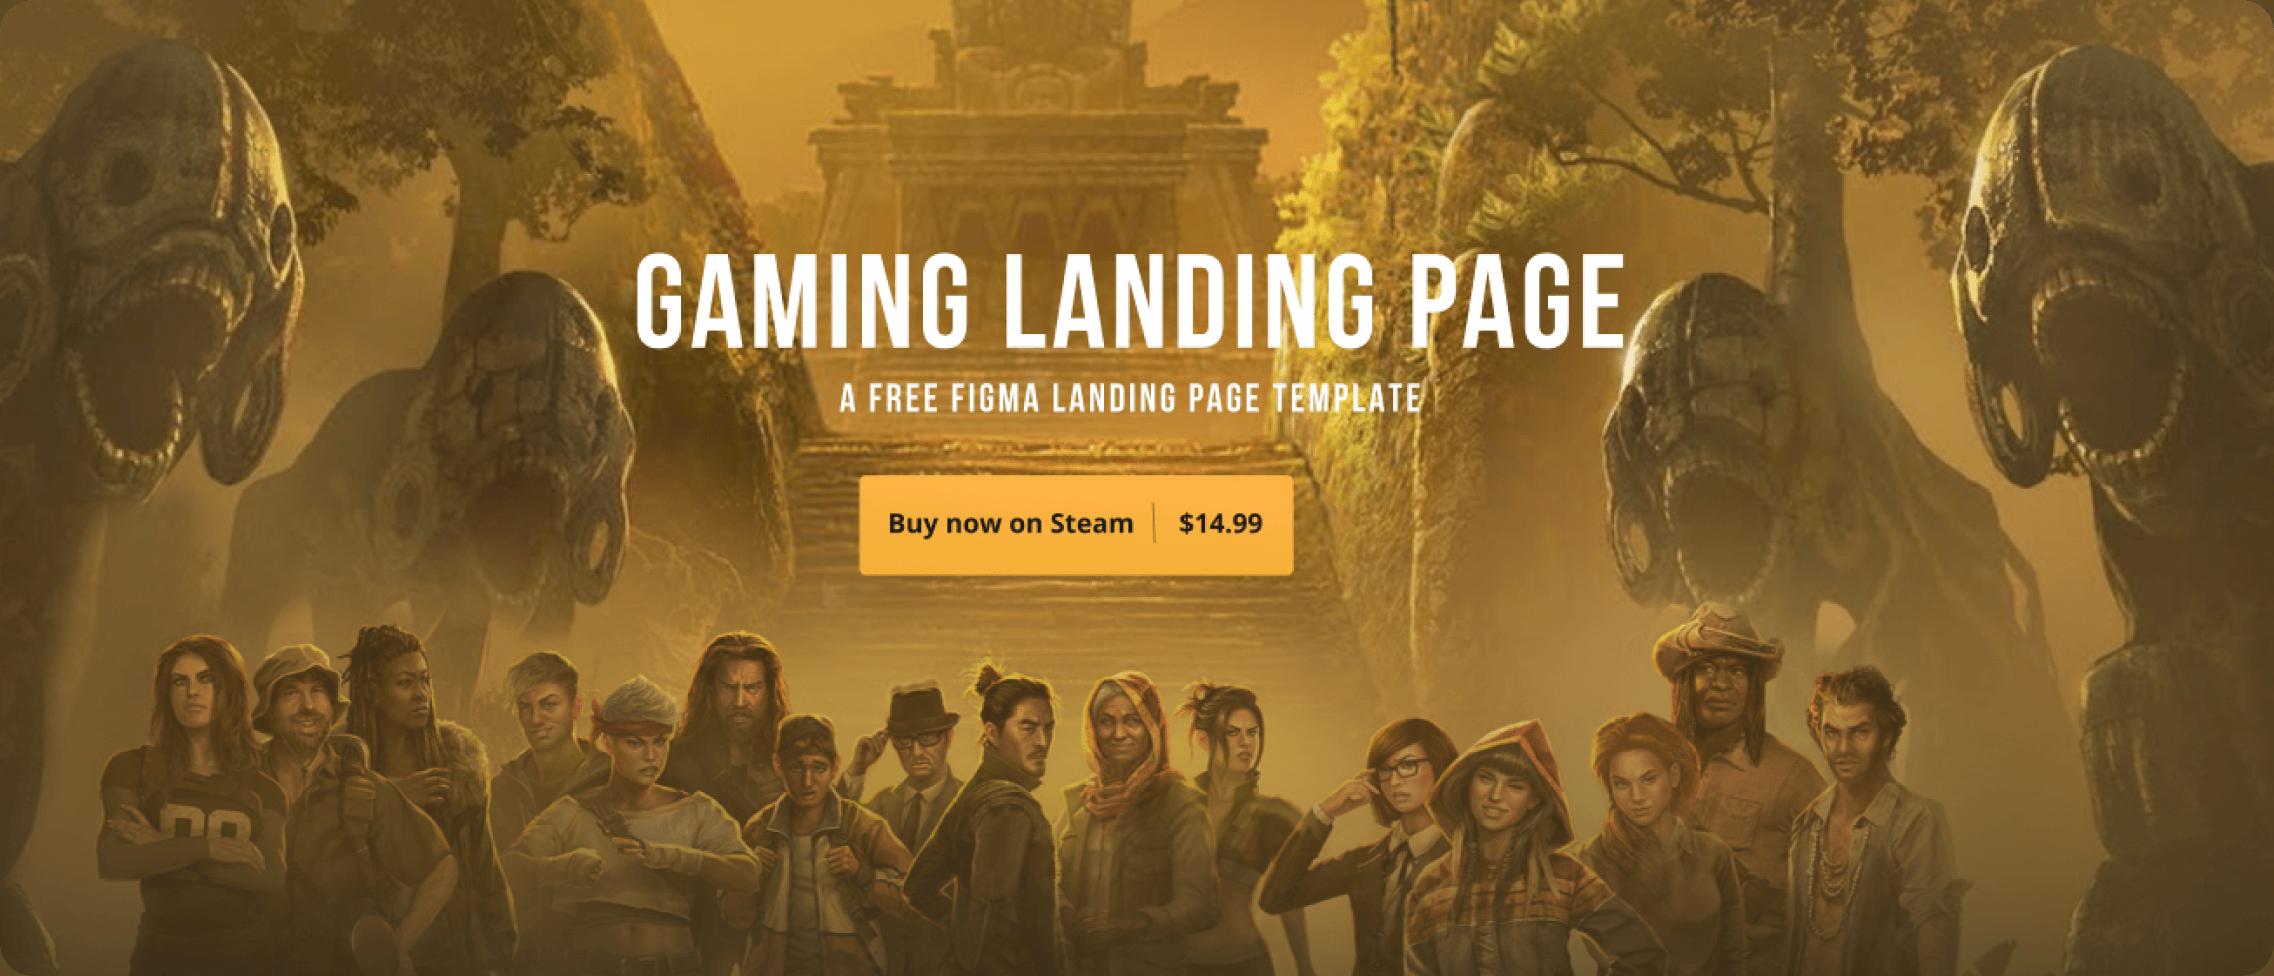 Gaming Landing Page hero section.